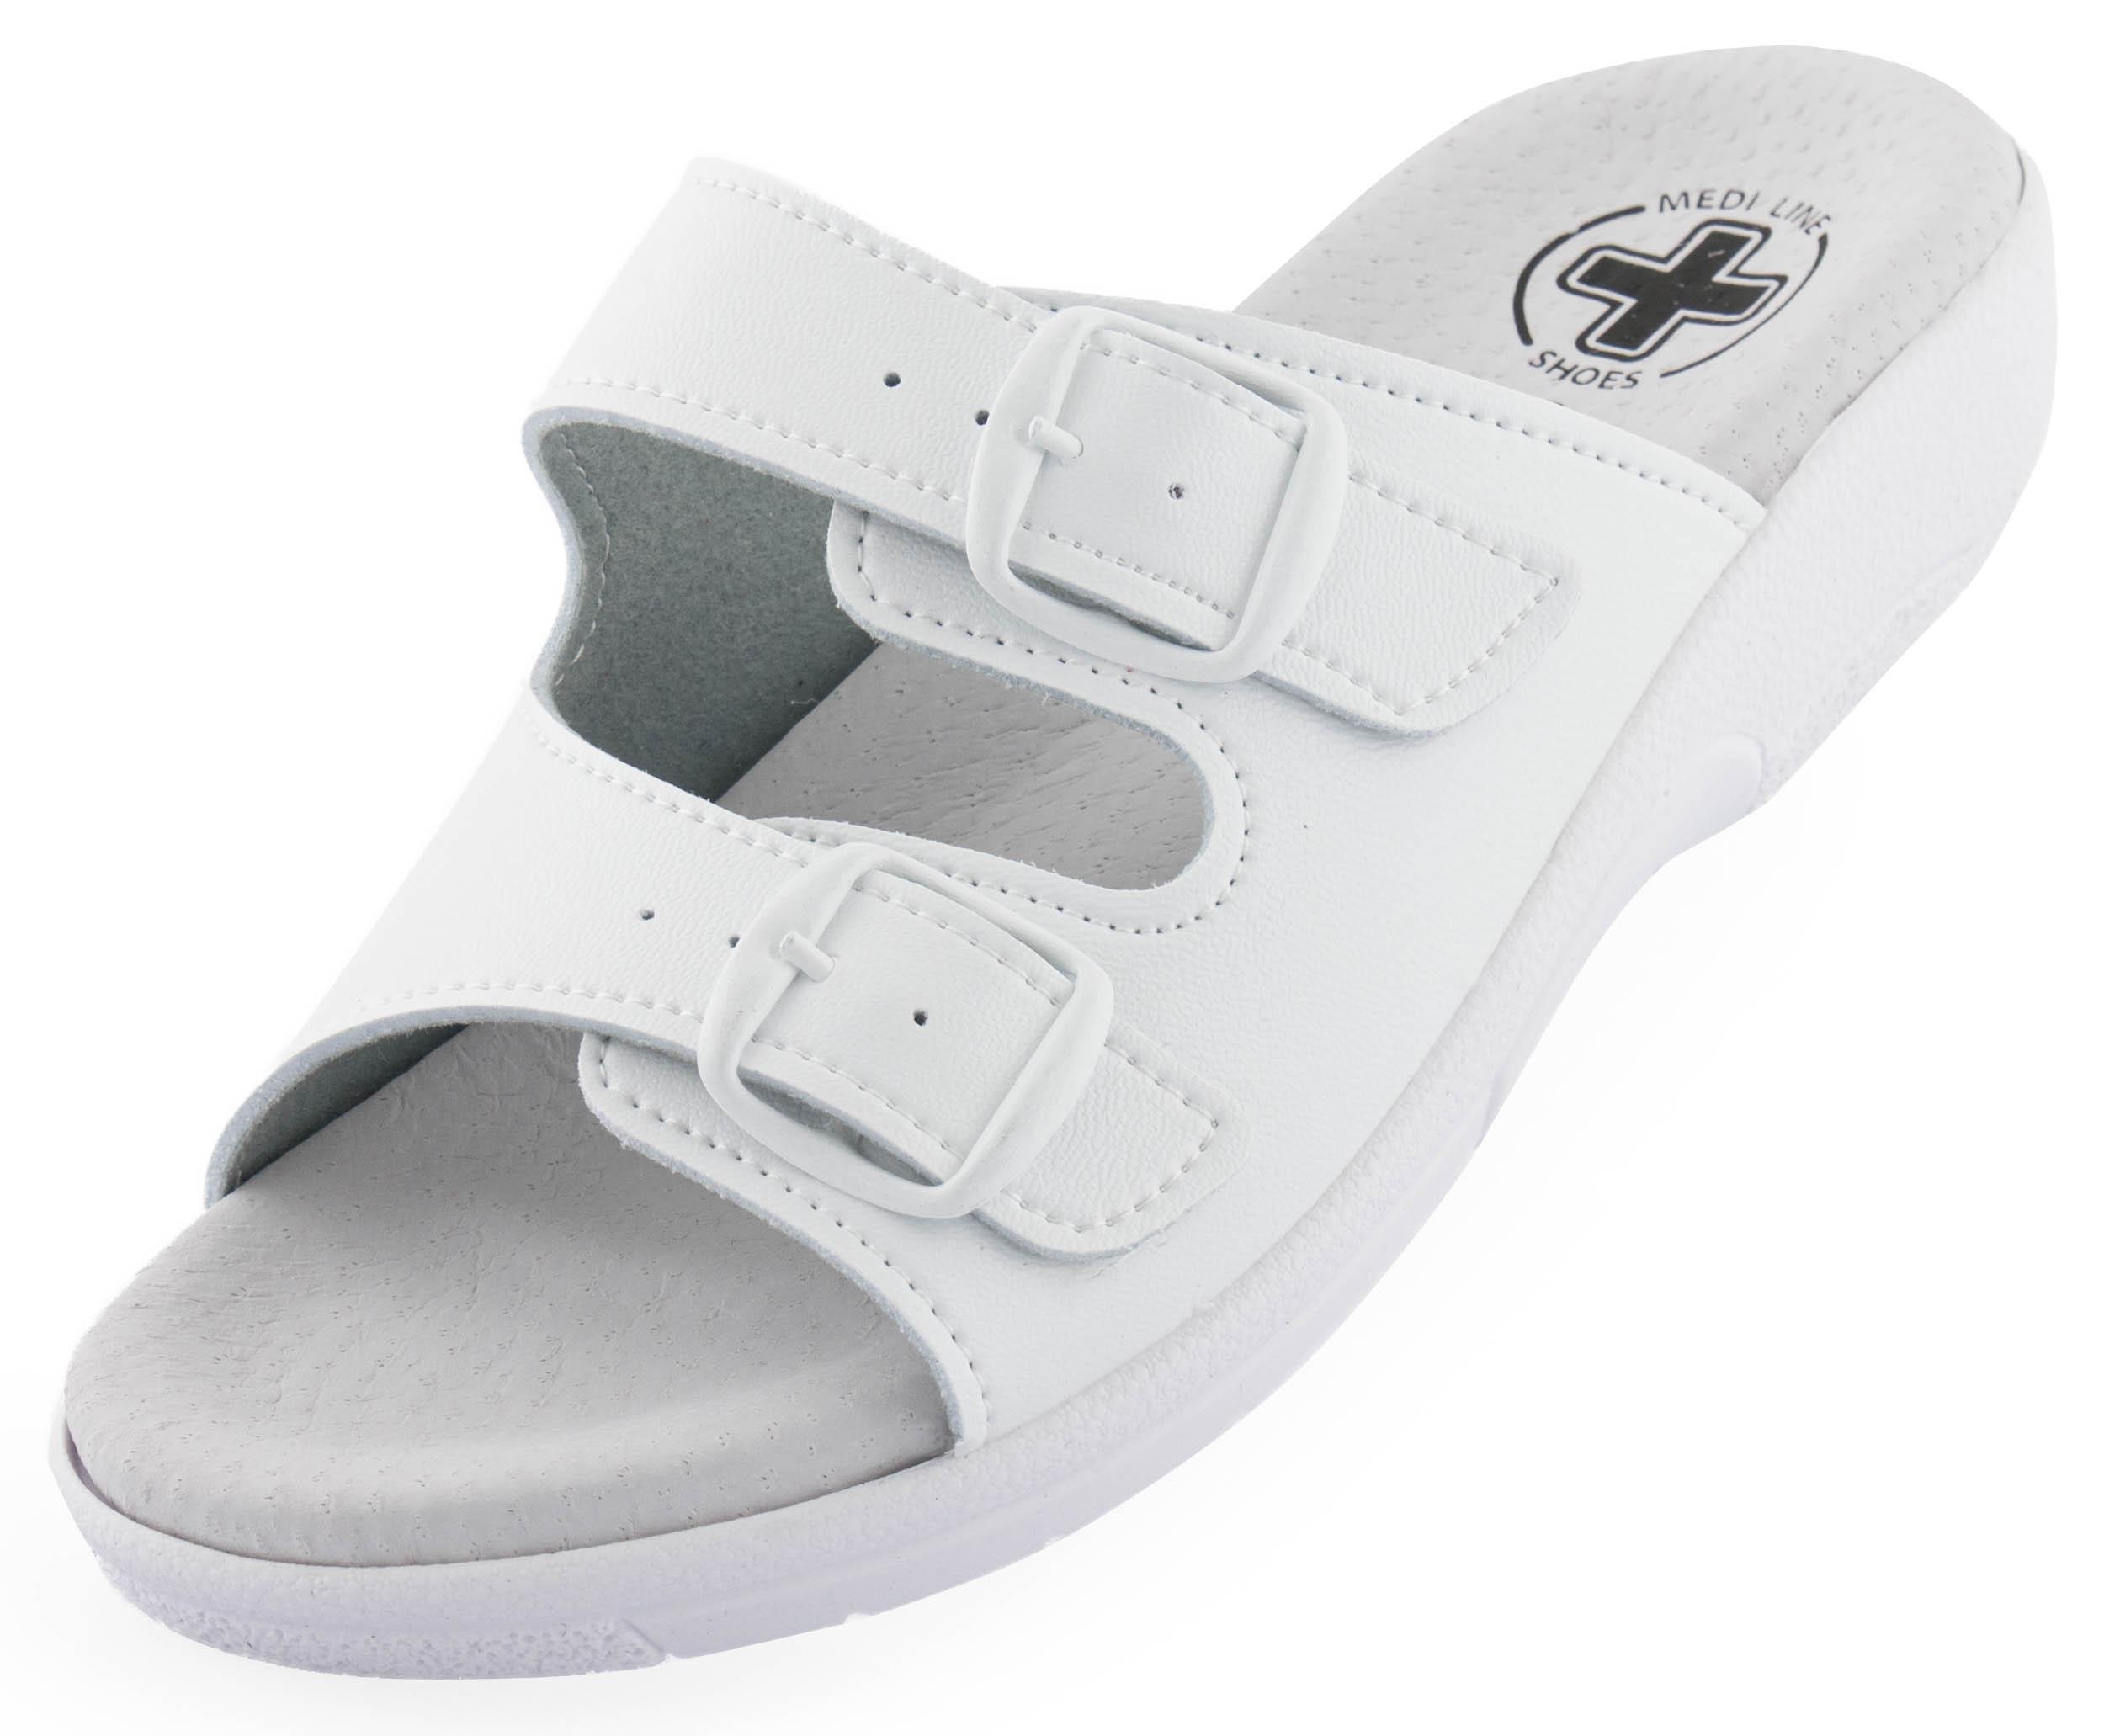 Dámské pantofle Golden Fit 10002 white